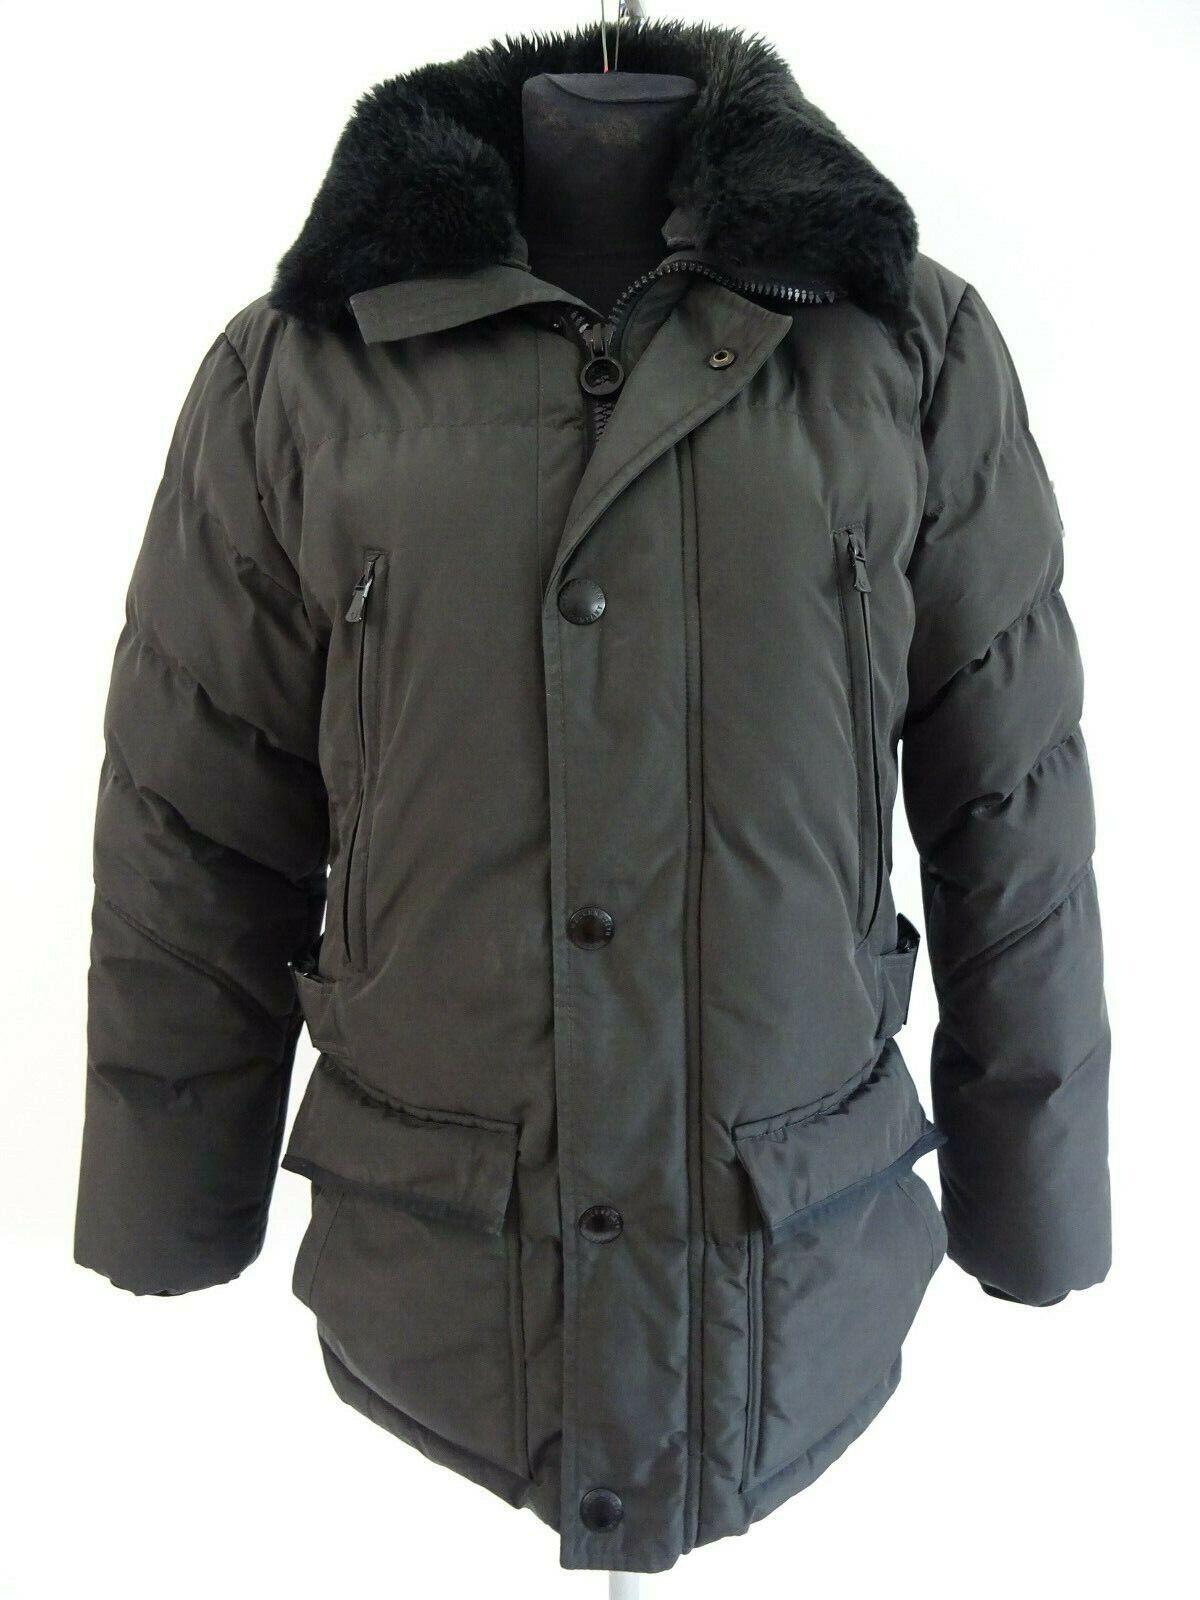 huge discount official shop get new Wellensteyn Berry Hills Herren Jacke Winterjacke mit Webpelz Gr. S Graphit    eBay